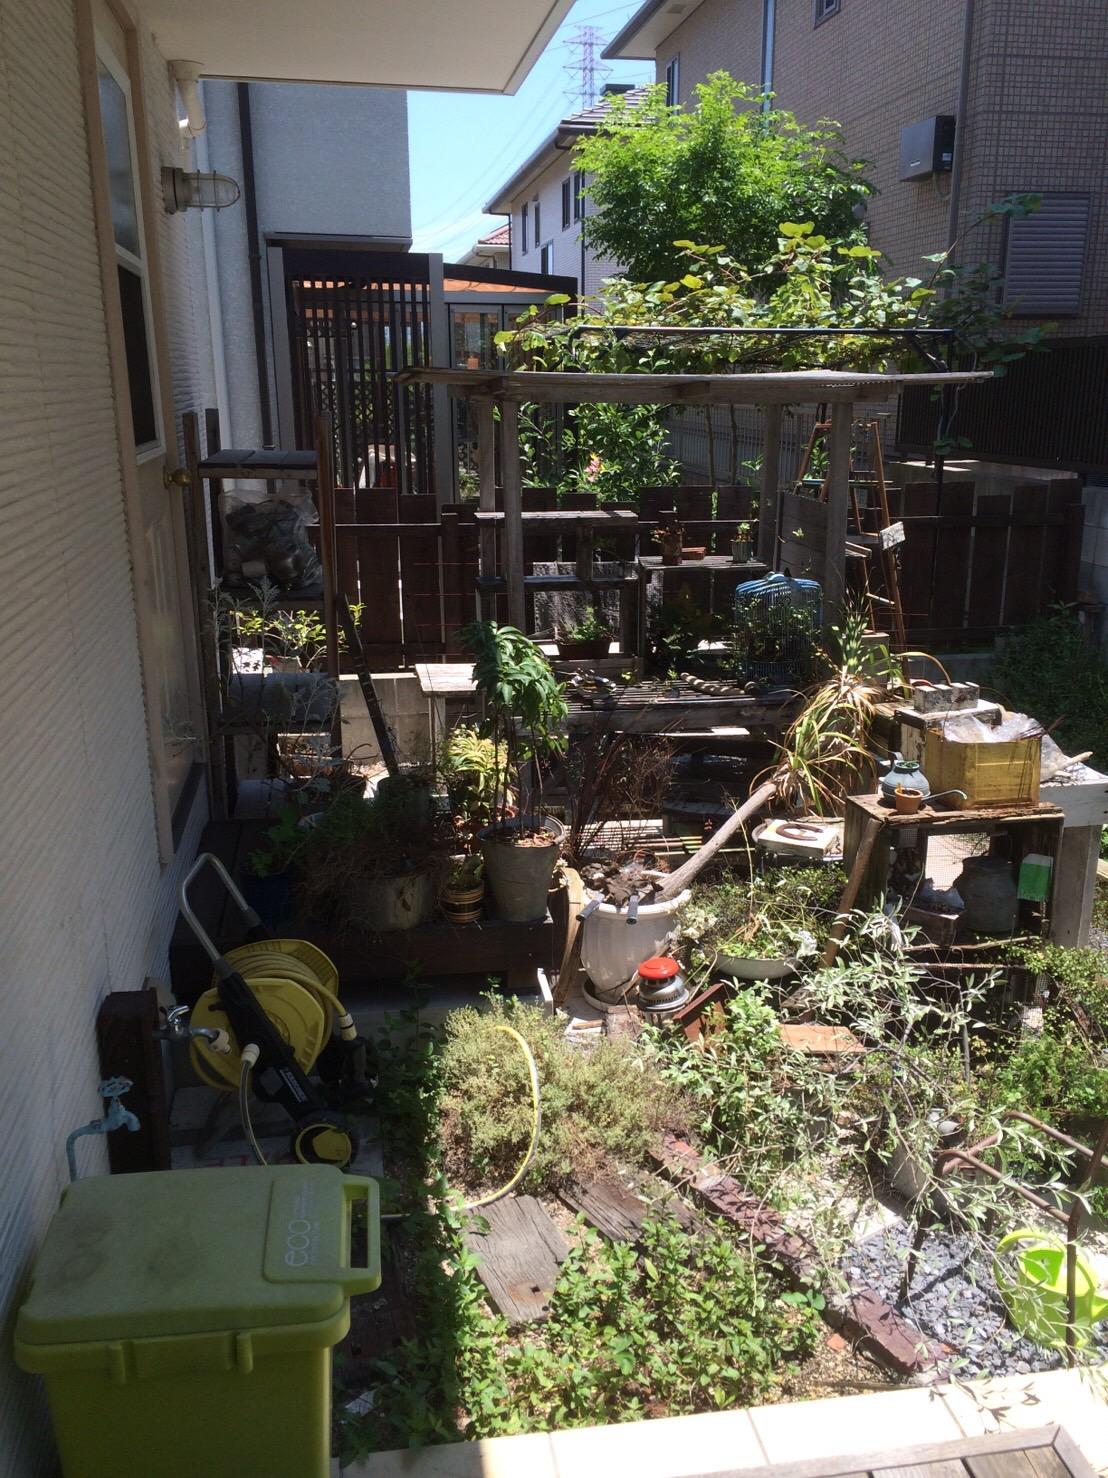 【愛知県名古屋市東区】ベランダにある植木やガーデニング用品の回収